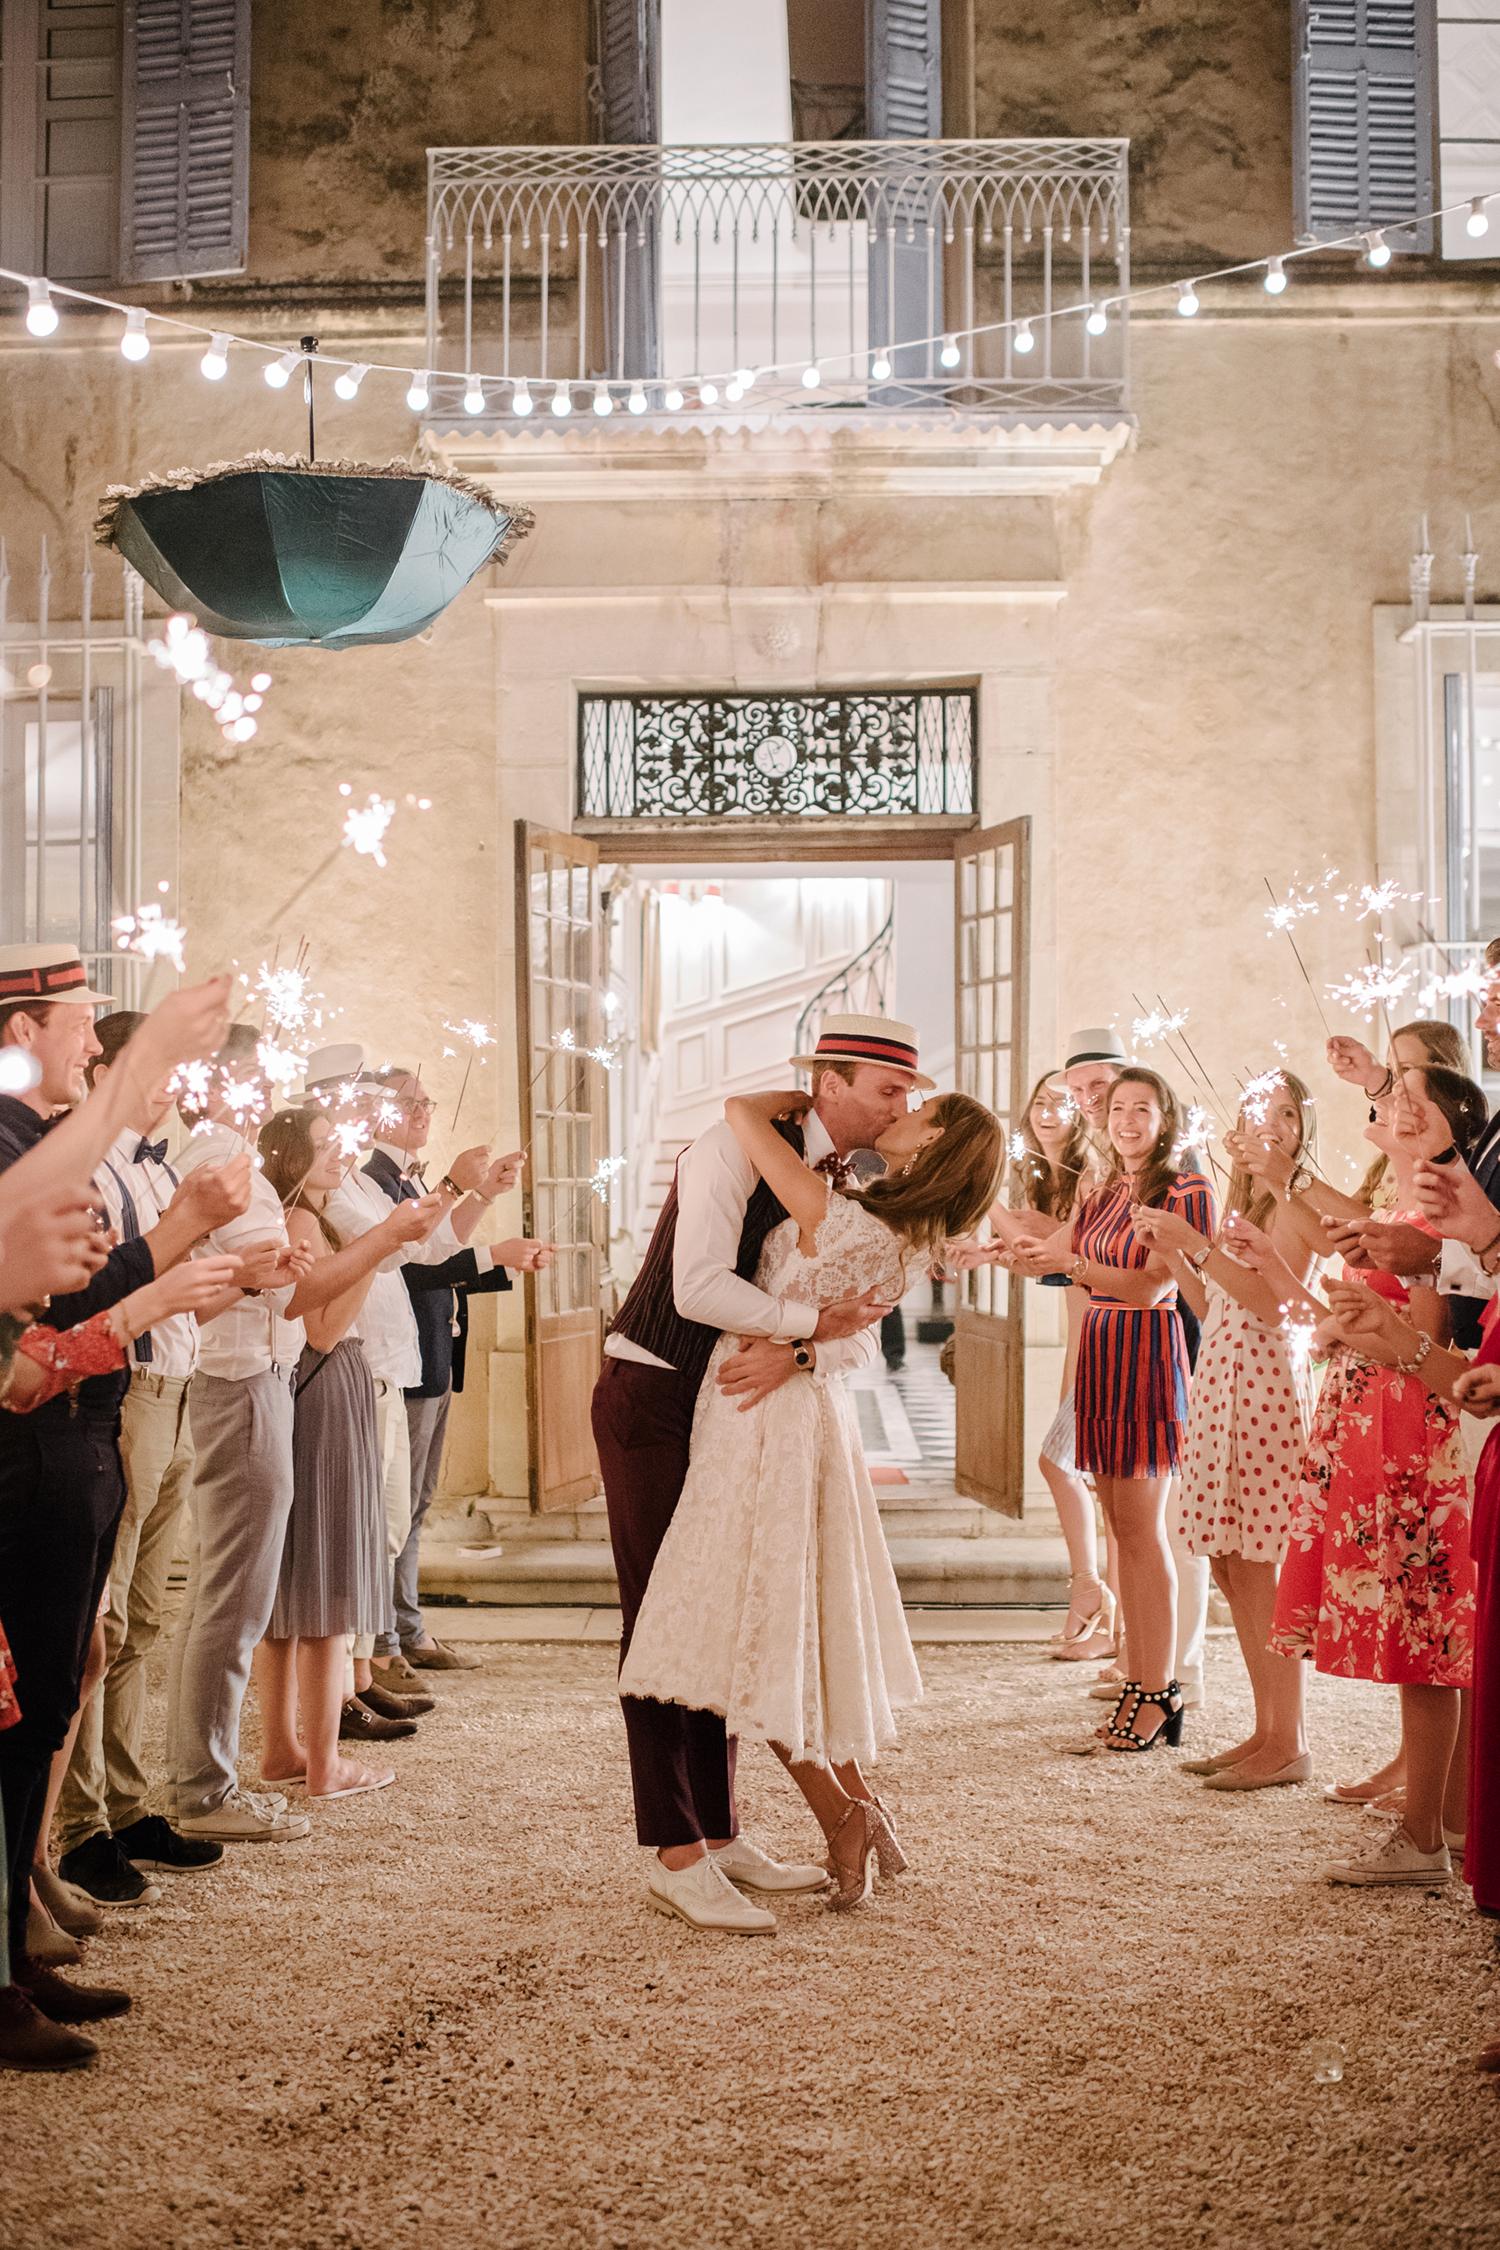 Chateau-Robernier-Wedding-Photography-0080.jpg